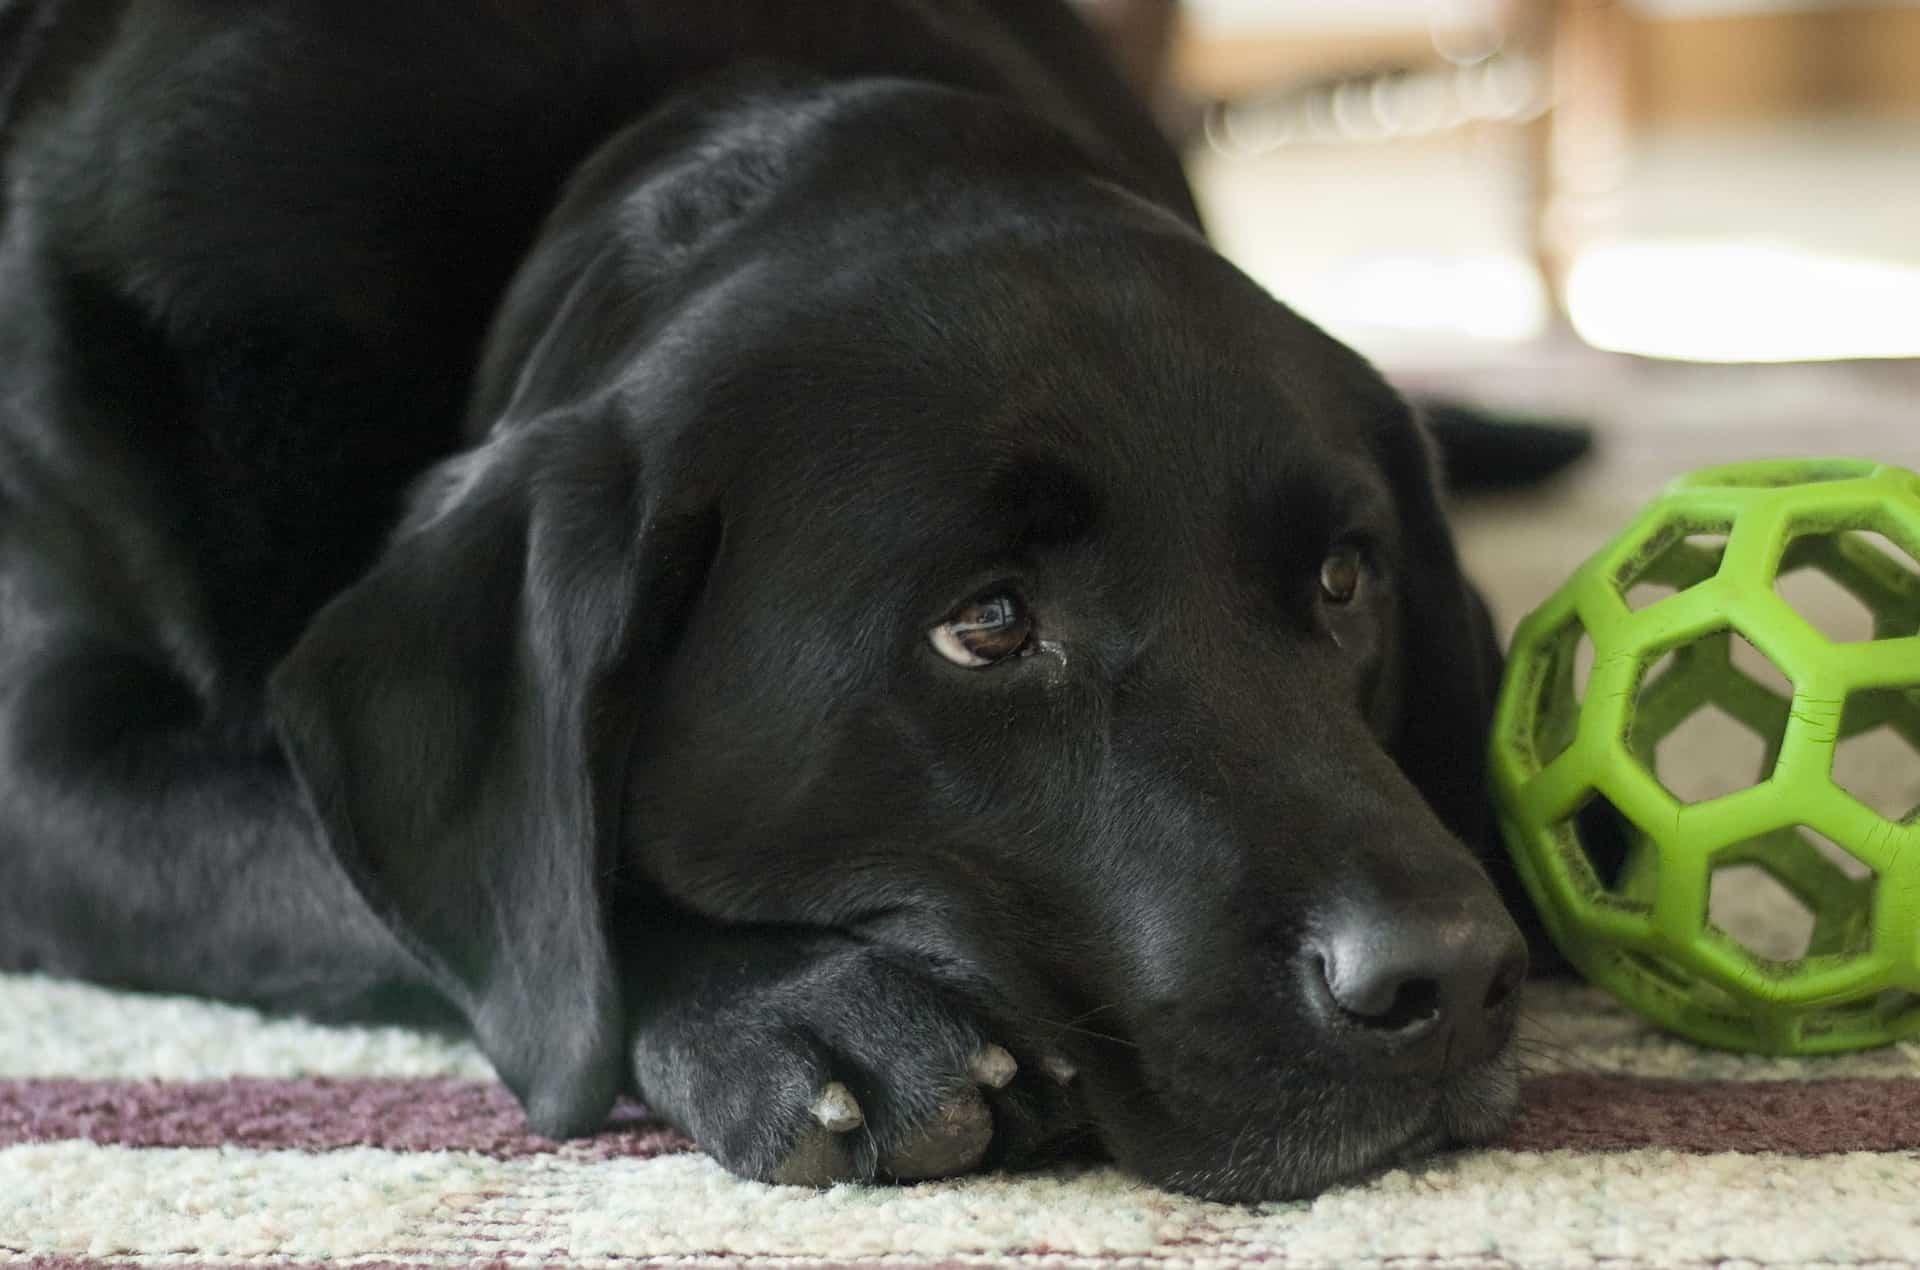 Διόρθωση Προβληματικών Συμπεριφορών - Μίλα στο Σκύλο σου